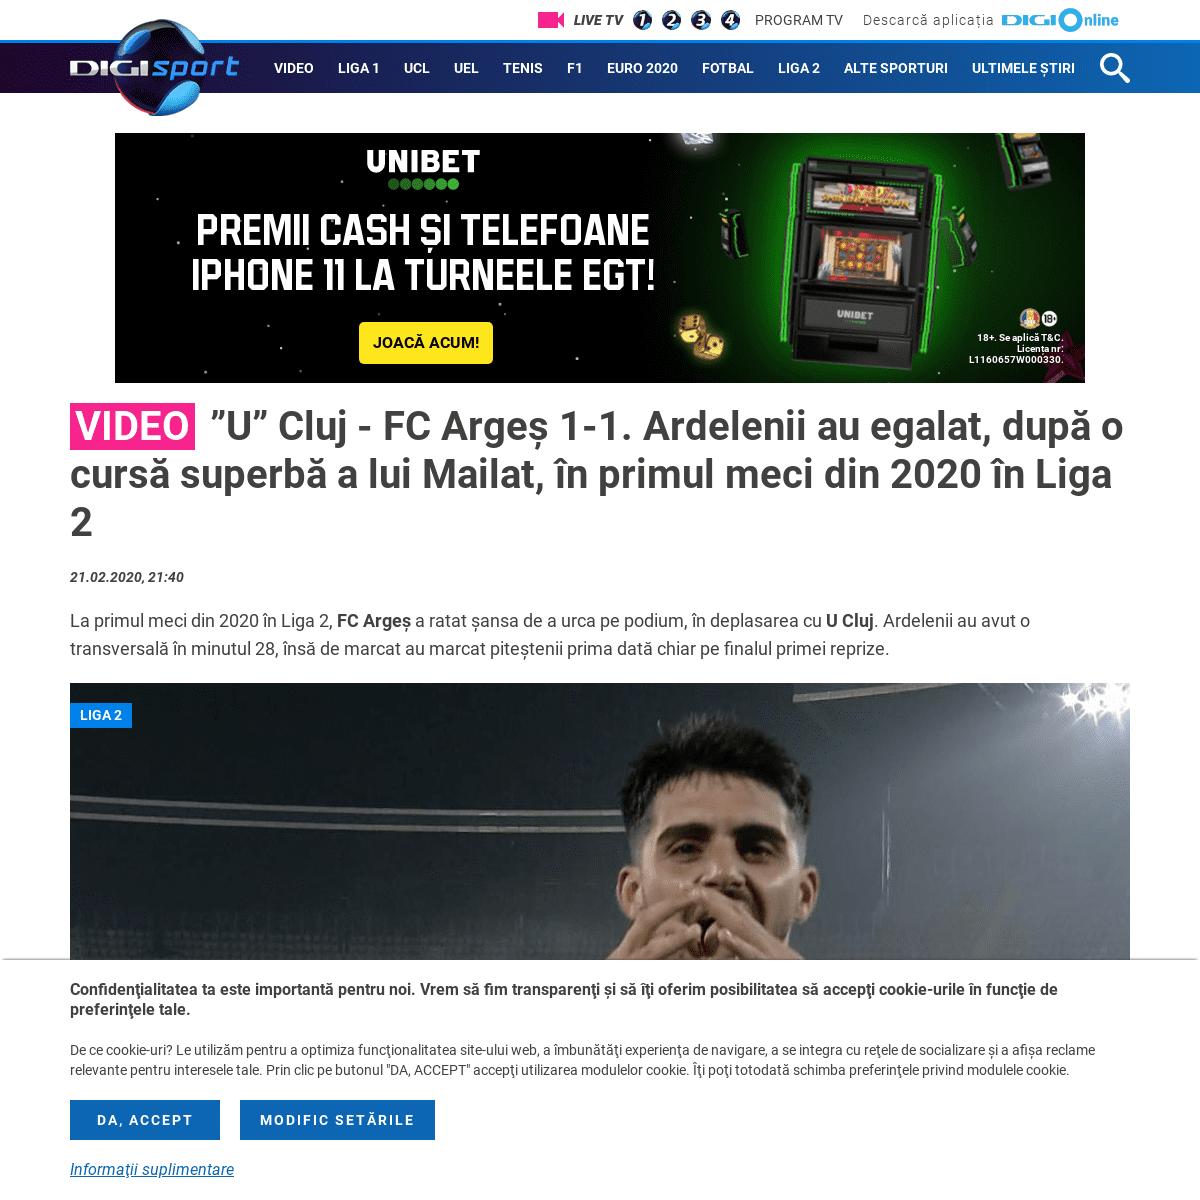 """ArchiveBay.com - www.digisport.ro/fotbal/liga-2/live-video-u-cluj-fc-arges-2000-digi-sport-1-primul-meci-din-liga-2-in-2020-ambele-echipe-s-au-intarit-in-iarna-799930 - Video - """"U"""" Cluj - FC Argeș 1-1. Ardelenii au egalat, după o cursă superbă a lui Mailat, în primul meci din 2020 în Li"""